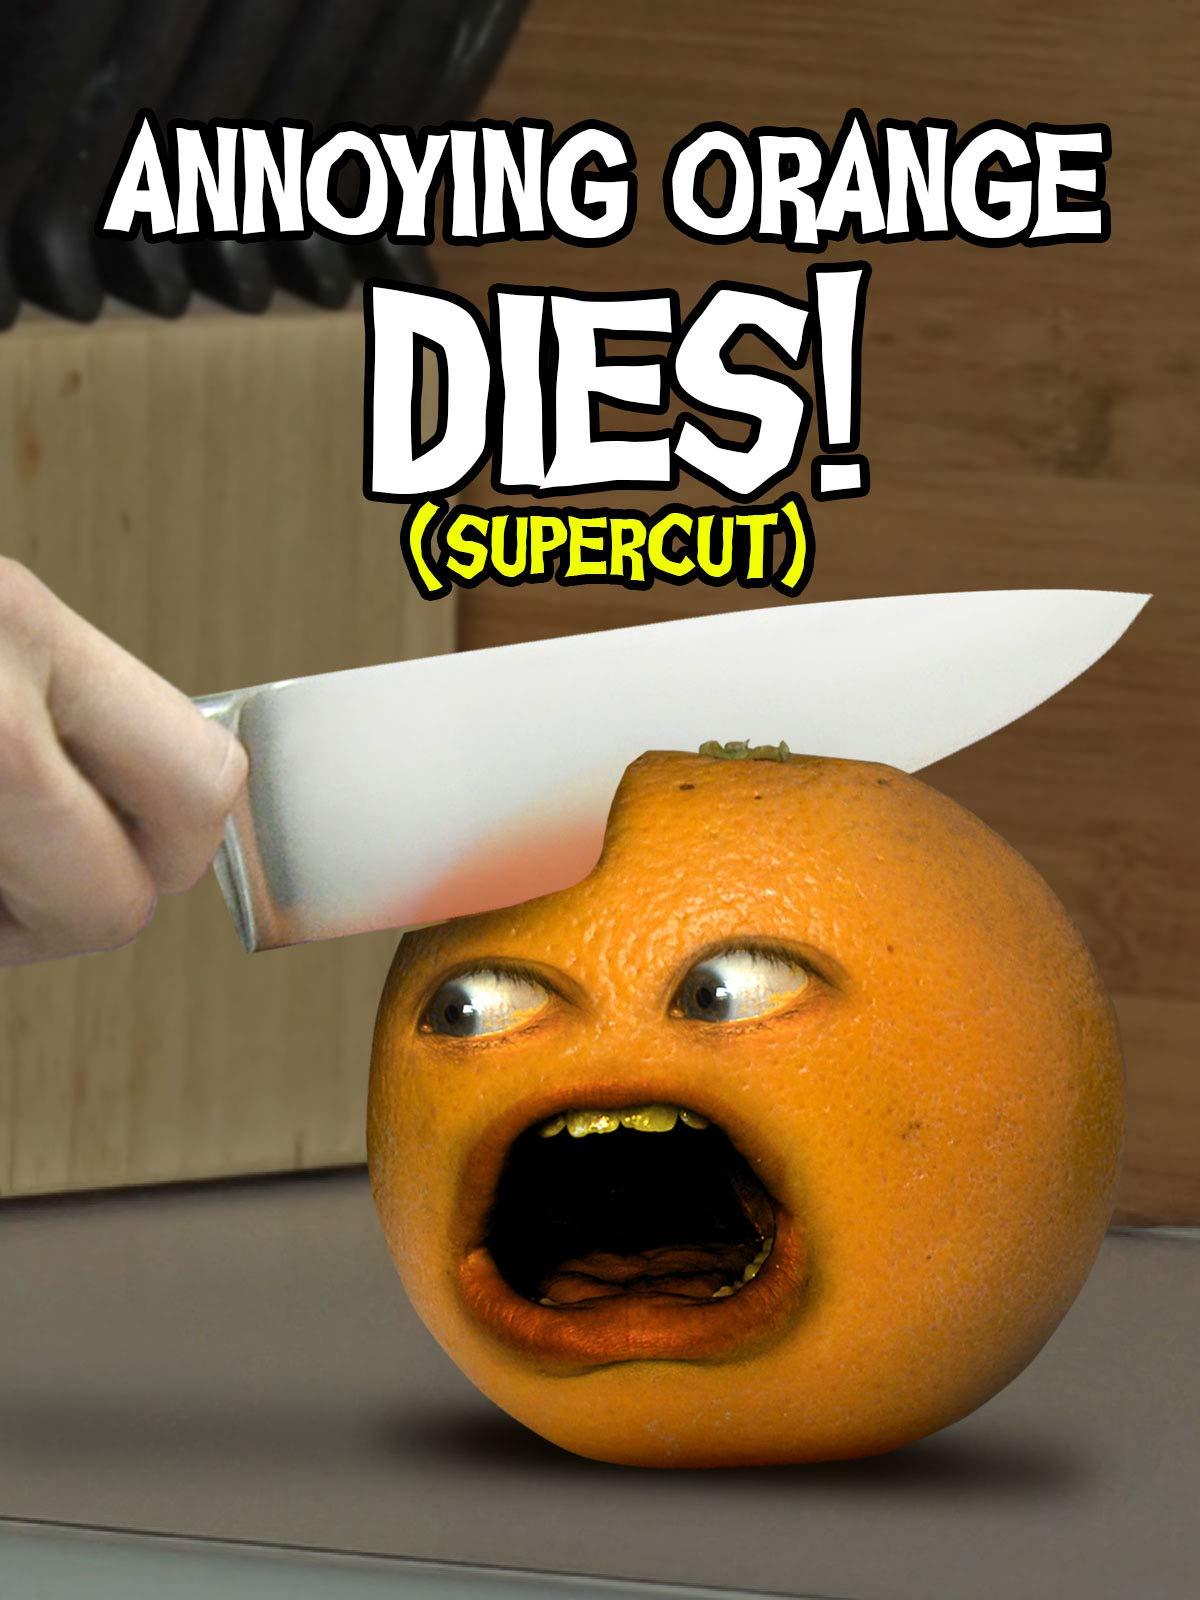 Annoying Orange Dies! (Supercut)